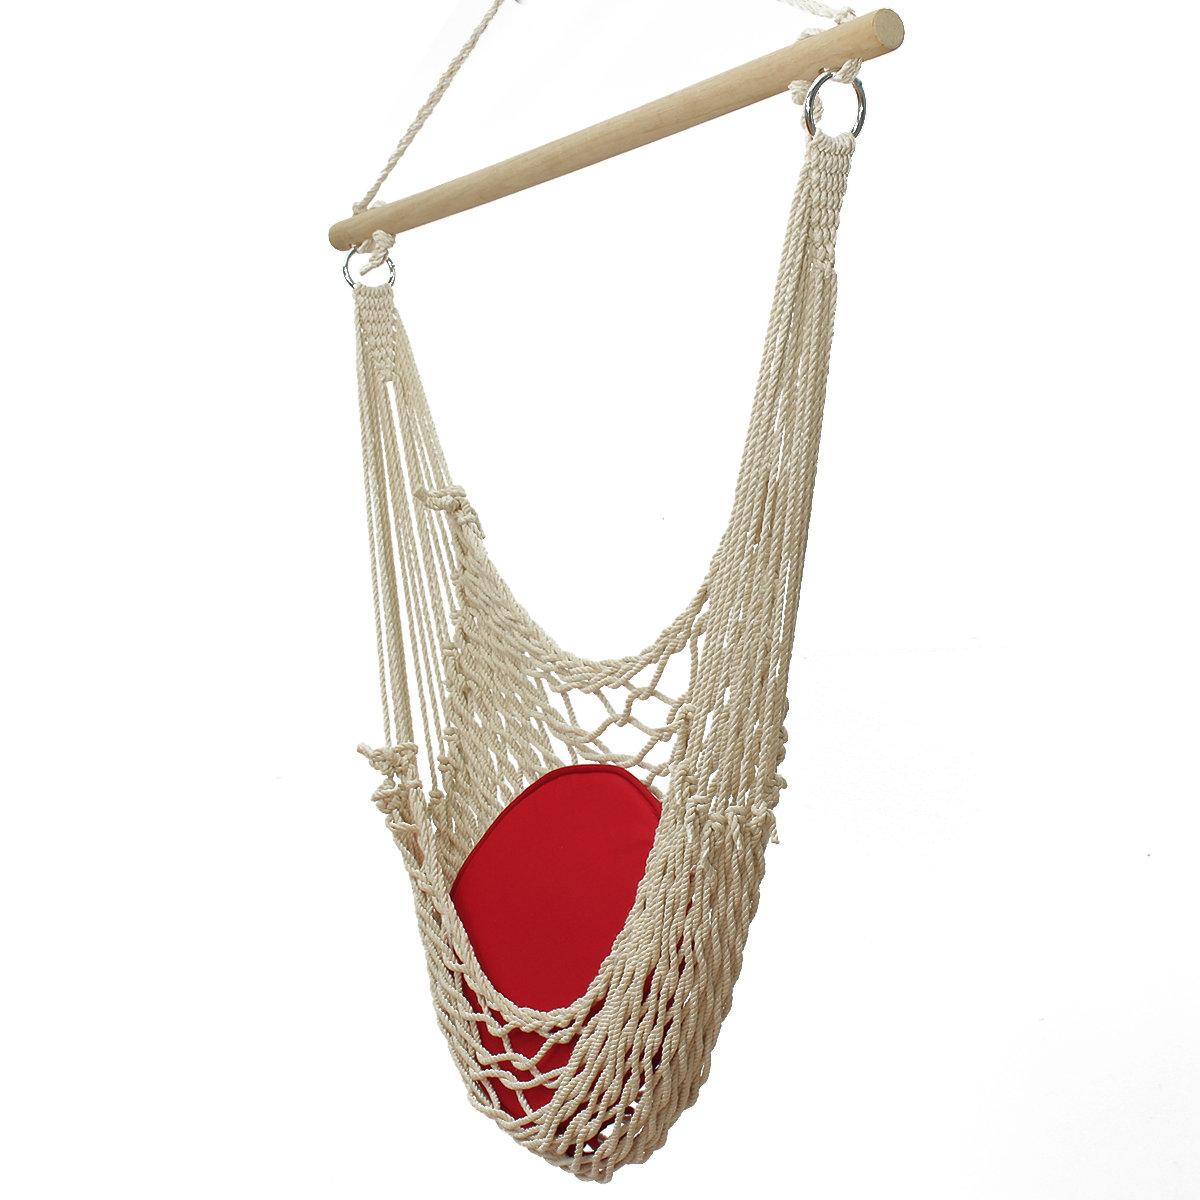 掛かる振動庭のテラスのハンモックの椅子の綿ロープの木棒白いハンモックの椅子